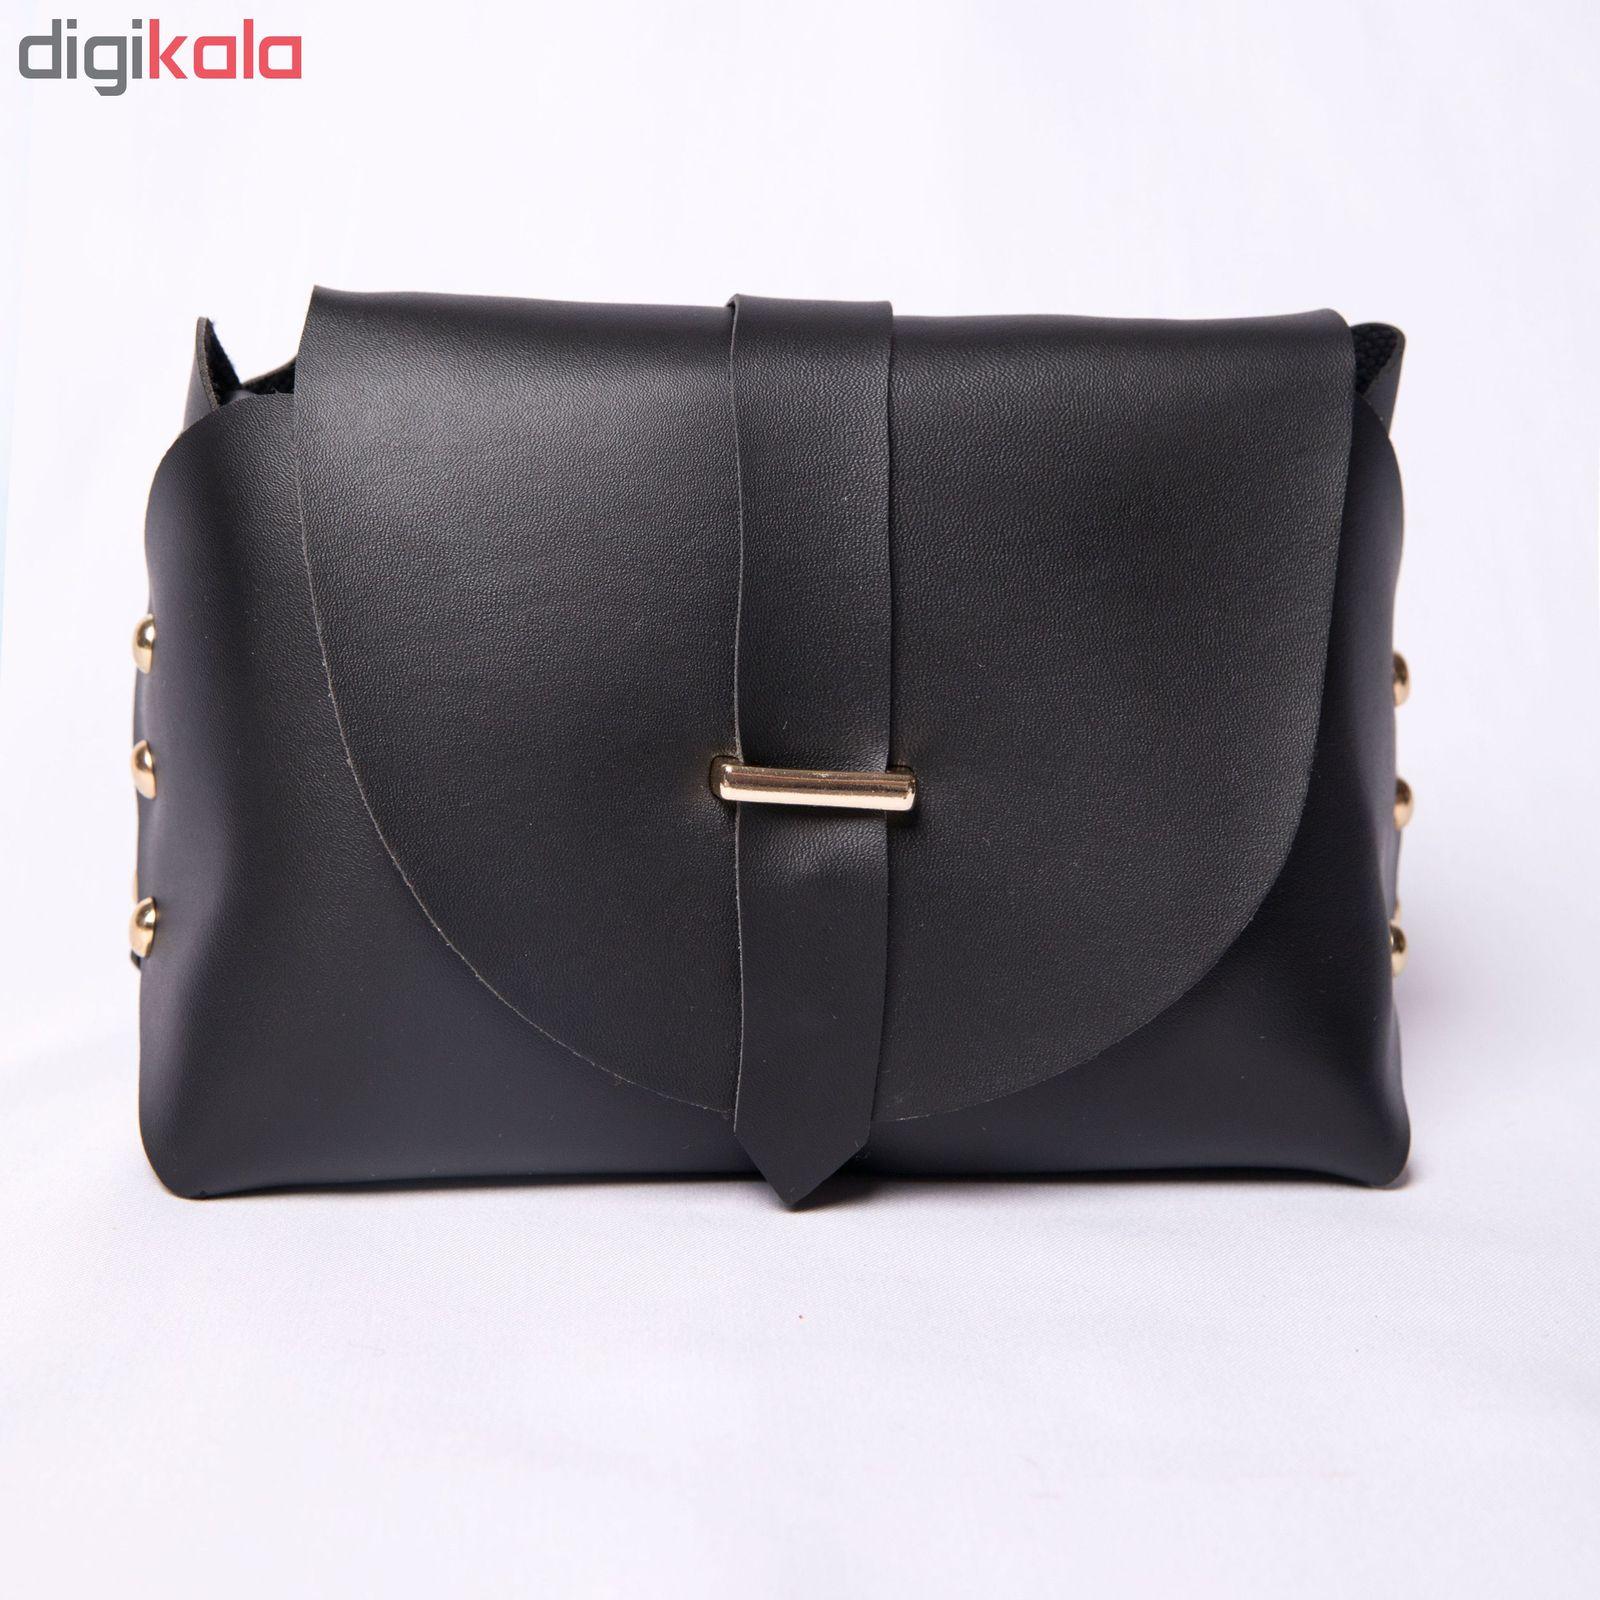 کیف دوشی زنانه مدل روشا -  - 8